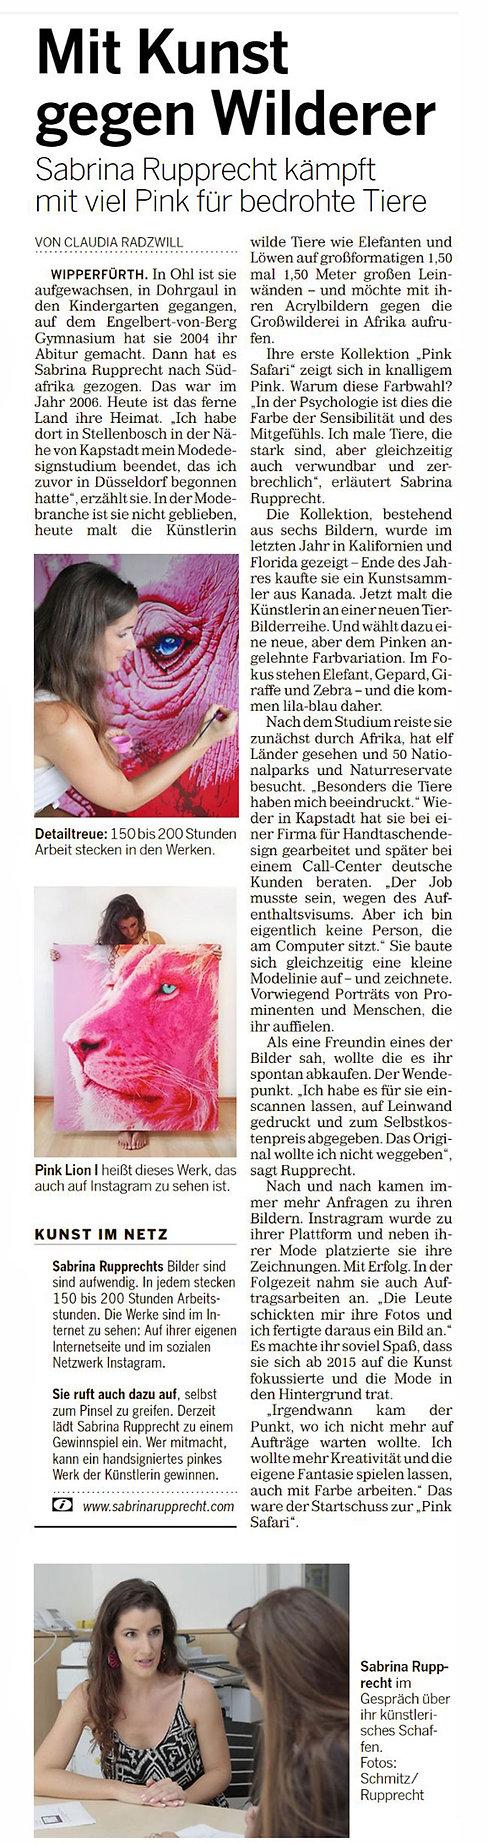 sabrina-rupprecht-pink-safari-artist-ber